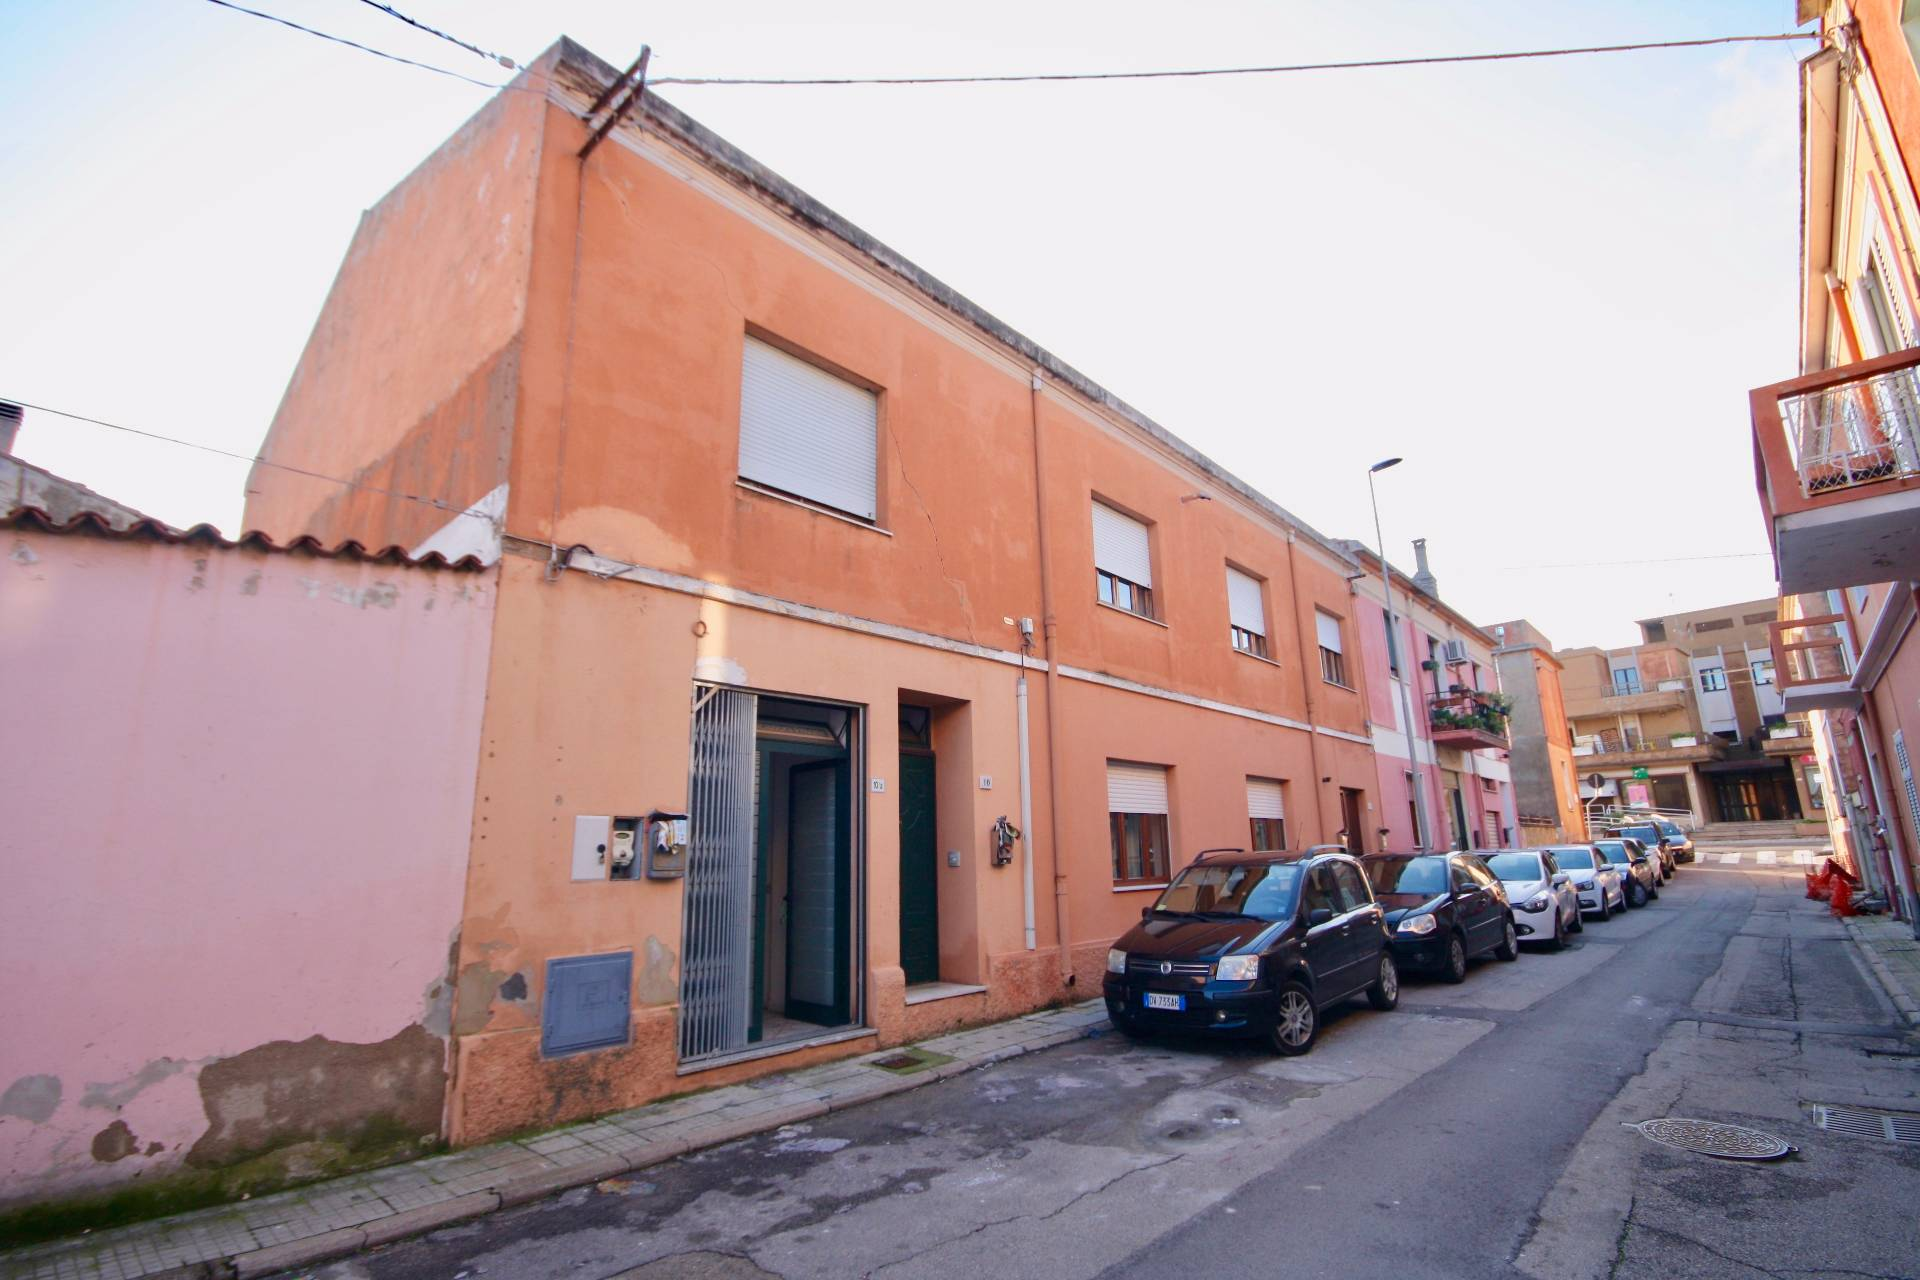 Appartamento in vendita a Olbia - Porto Rotondo, 4 locali, zona Località: Olbiacittà, prezzo € 99.000 | CambioCasa.it